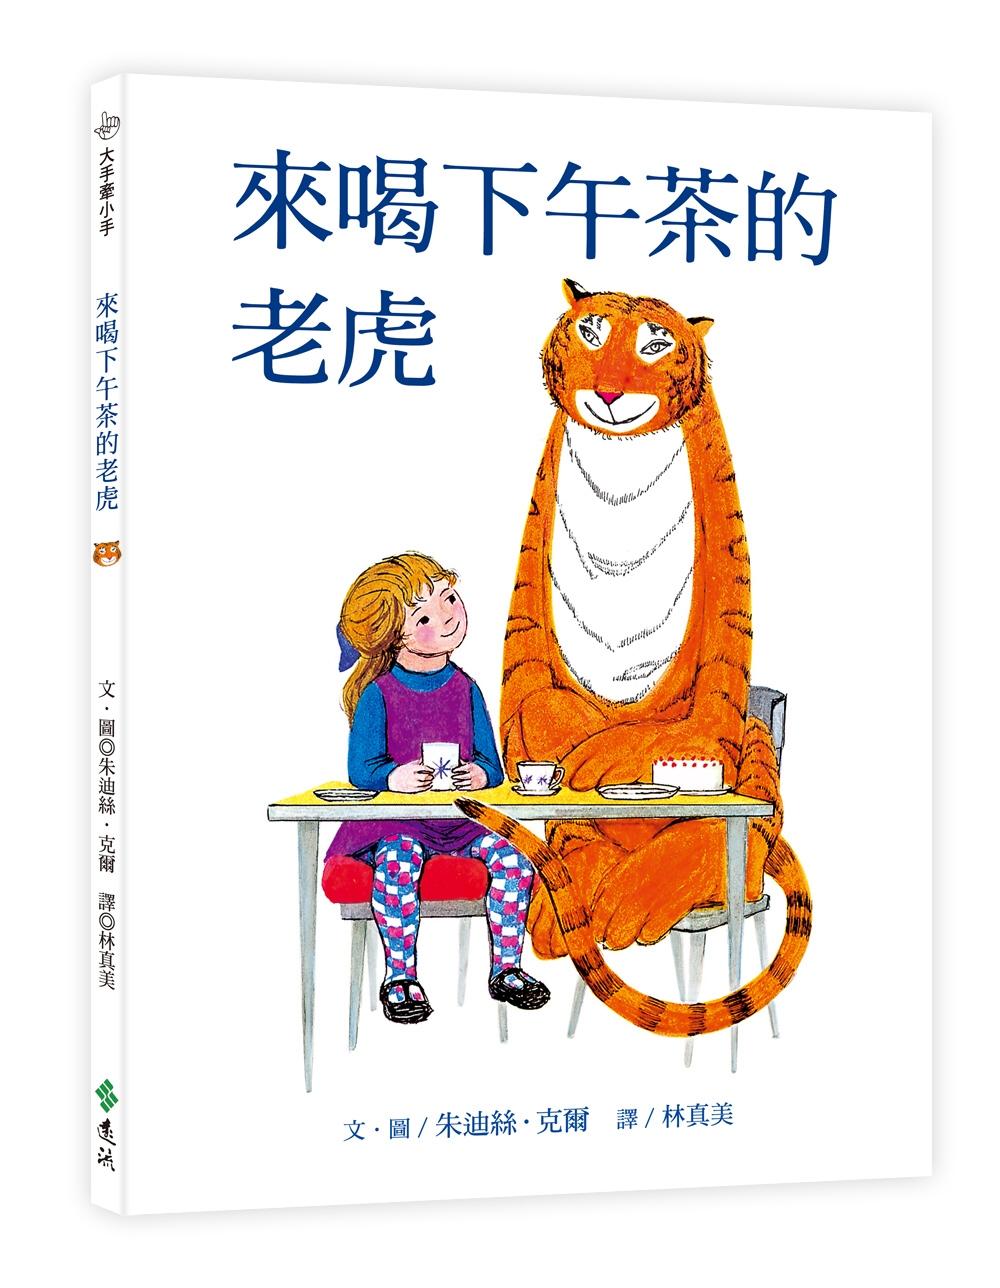 來喝下午茶的老虎:大手牽小手(50週年紀念版)